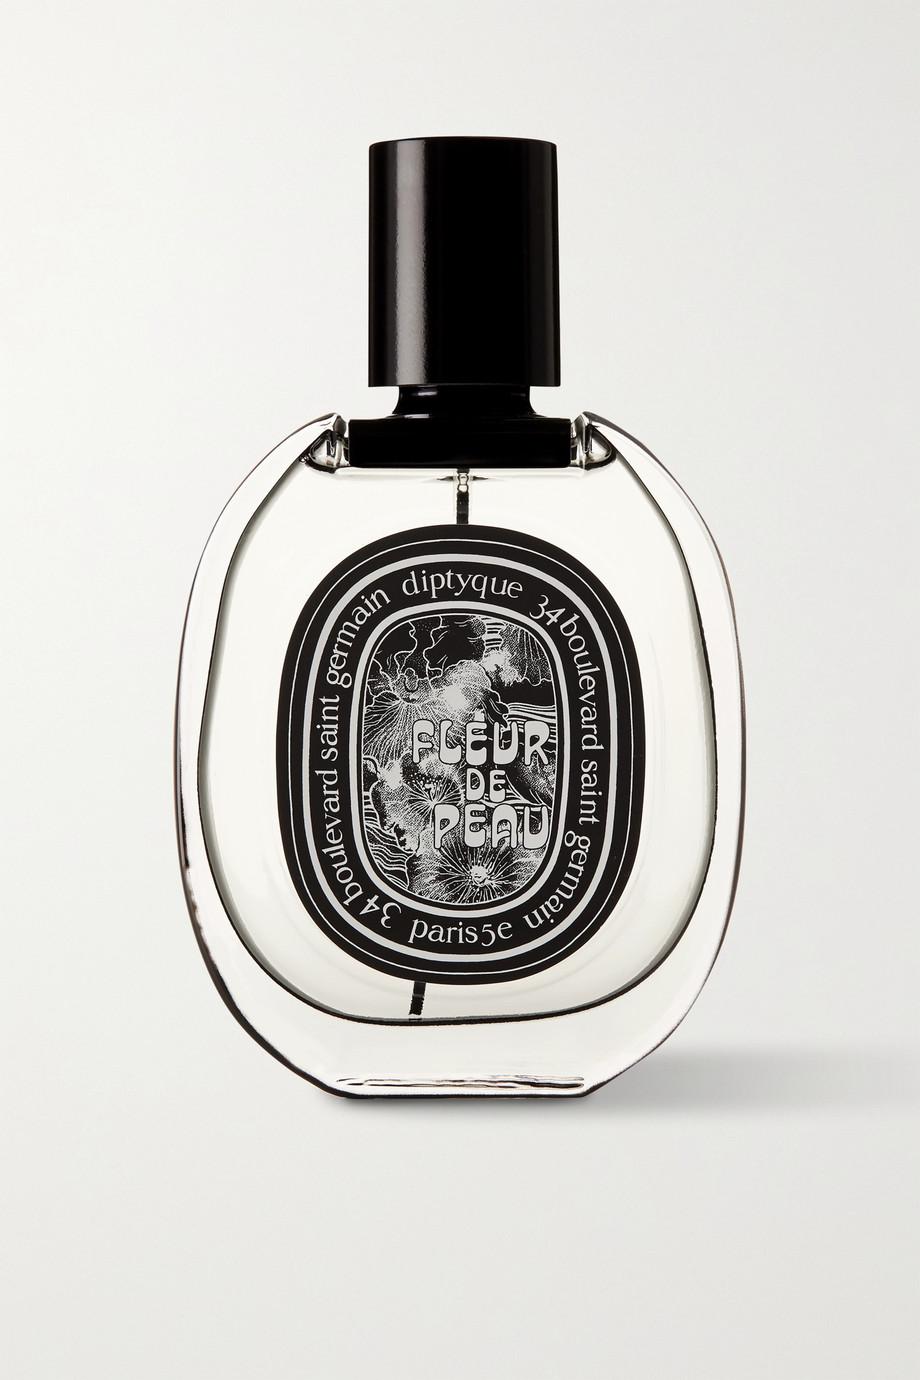 Diptyque Fleur de Peau Eau de Parfum, 75ml